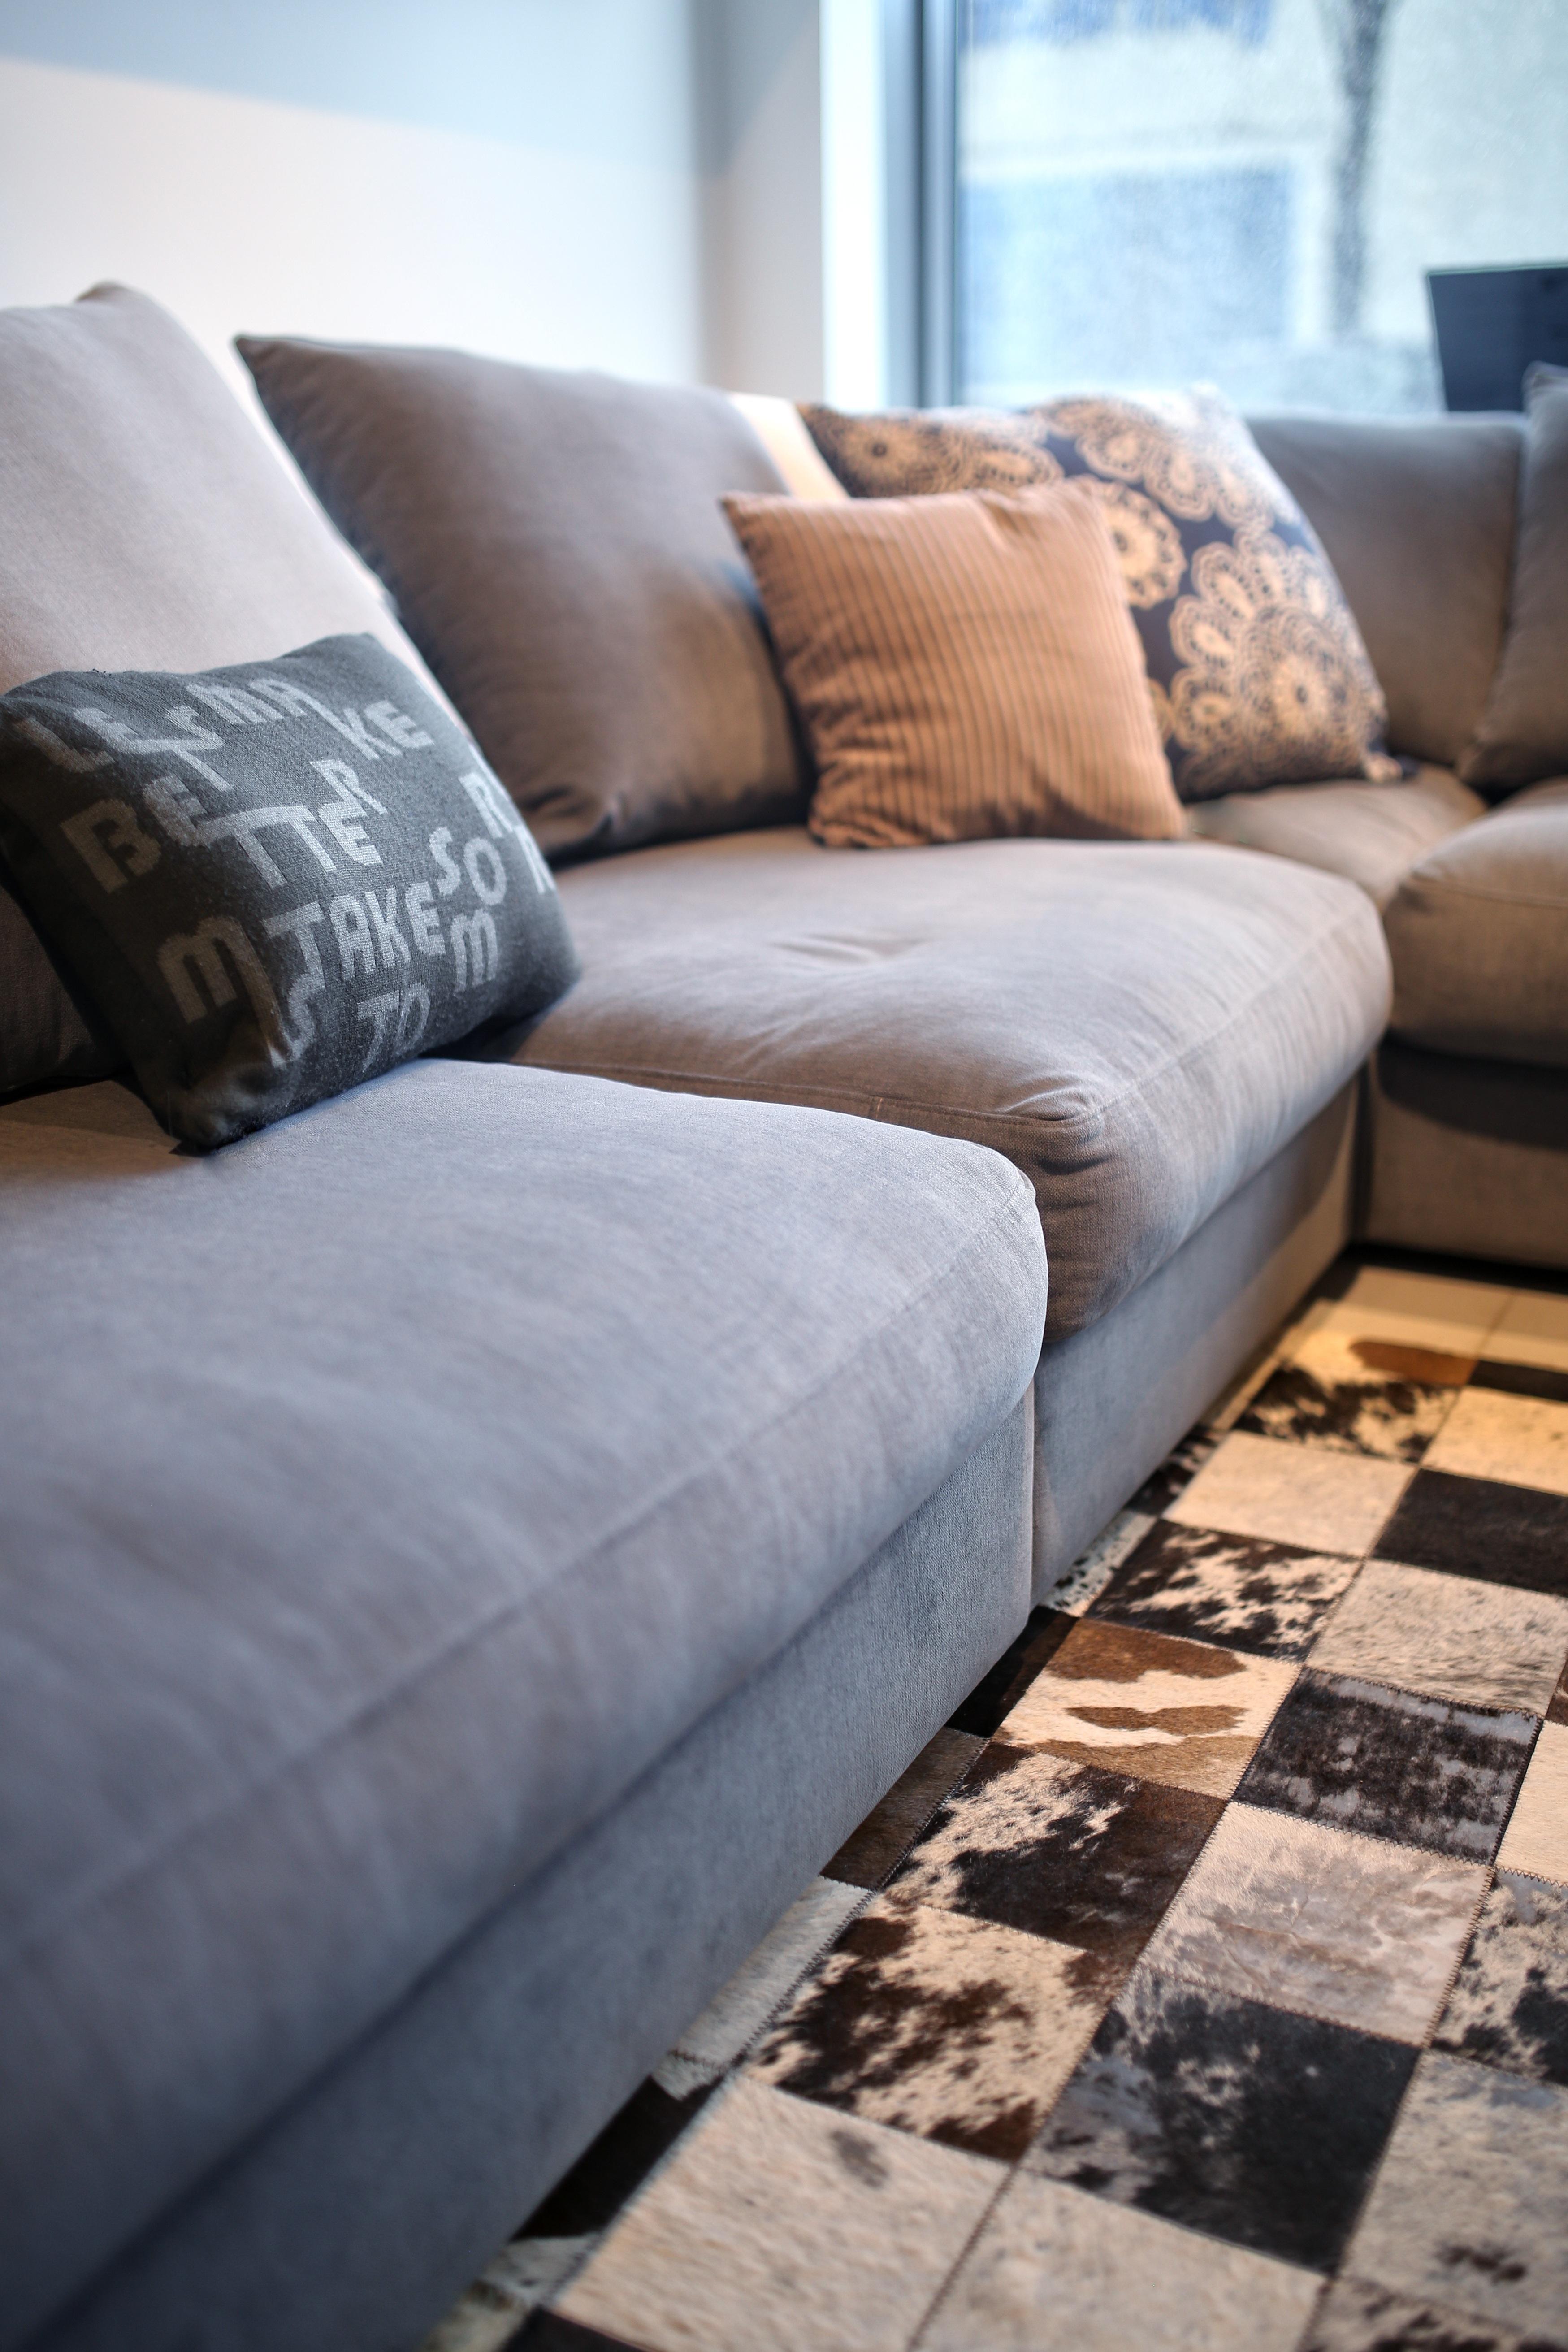 Fotos Gratis Madera Piso Interior Casa Sala Mueble  # Muebles Cover Decoracion